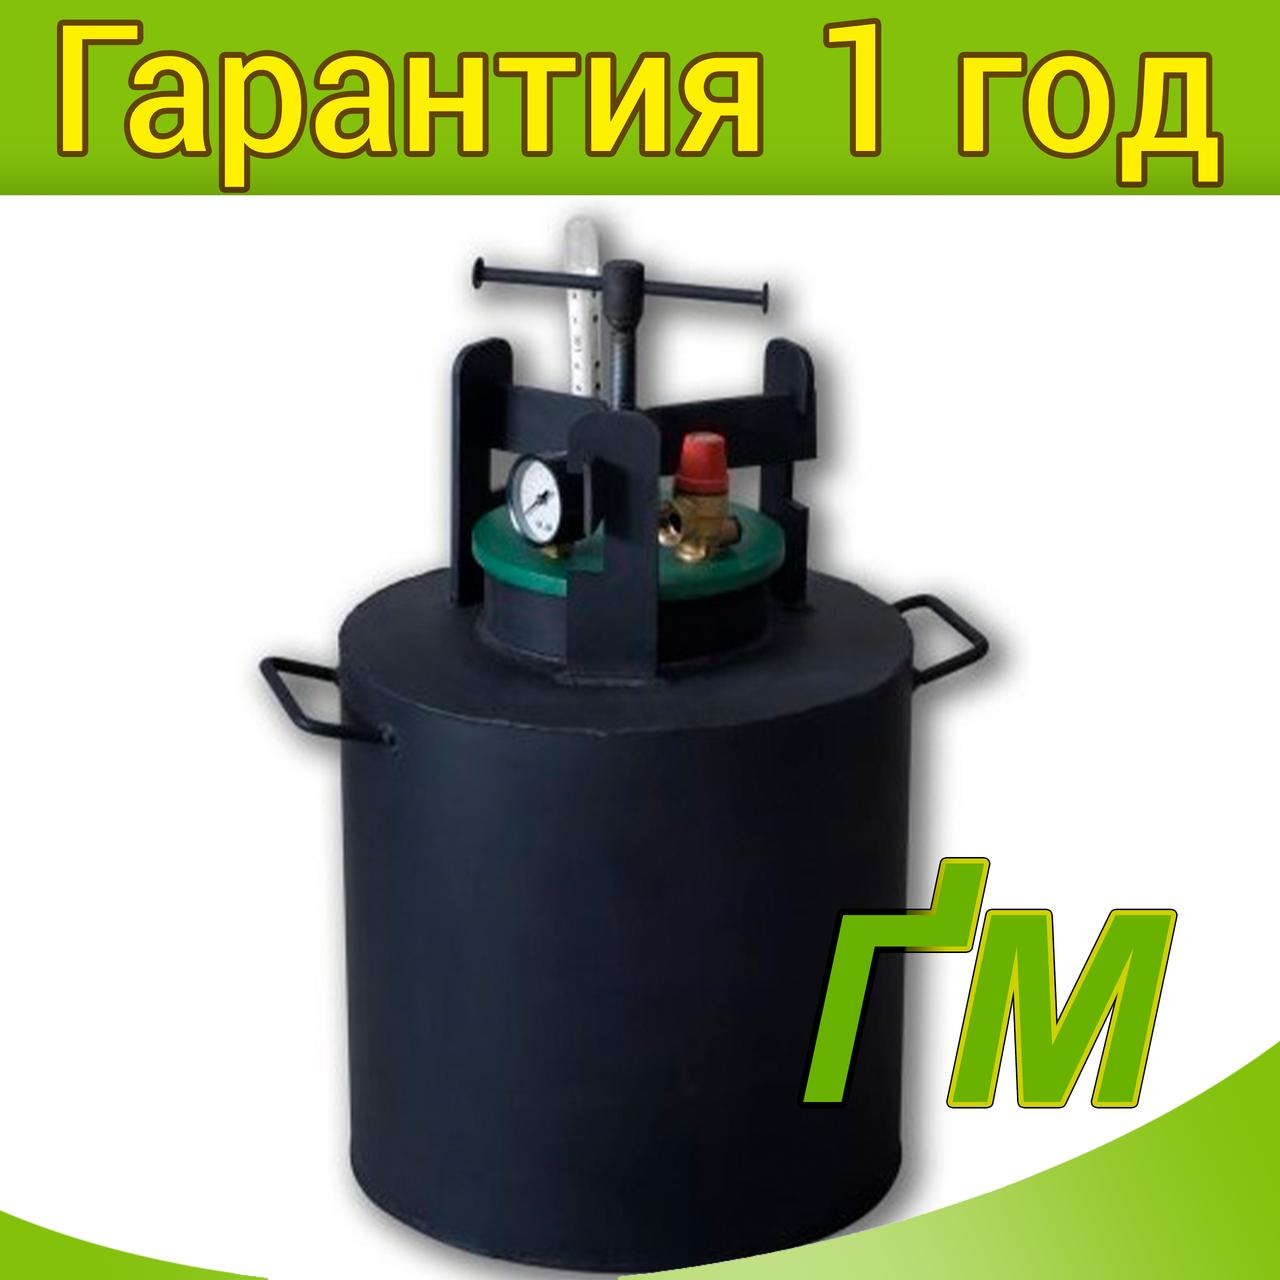 Автоклав ЧМ-16 Люкс (винтовой на 16 банок) + подарок